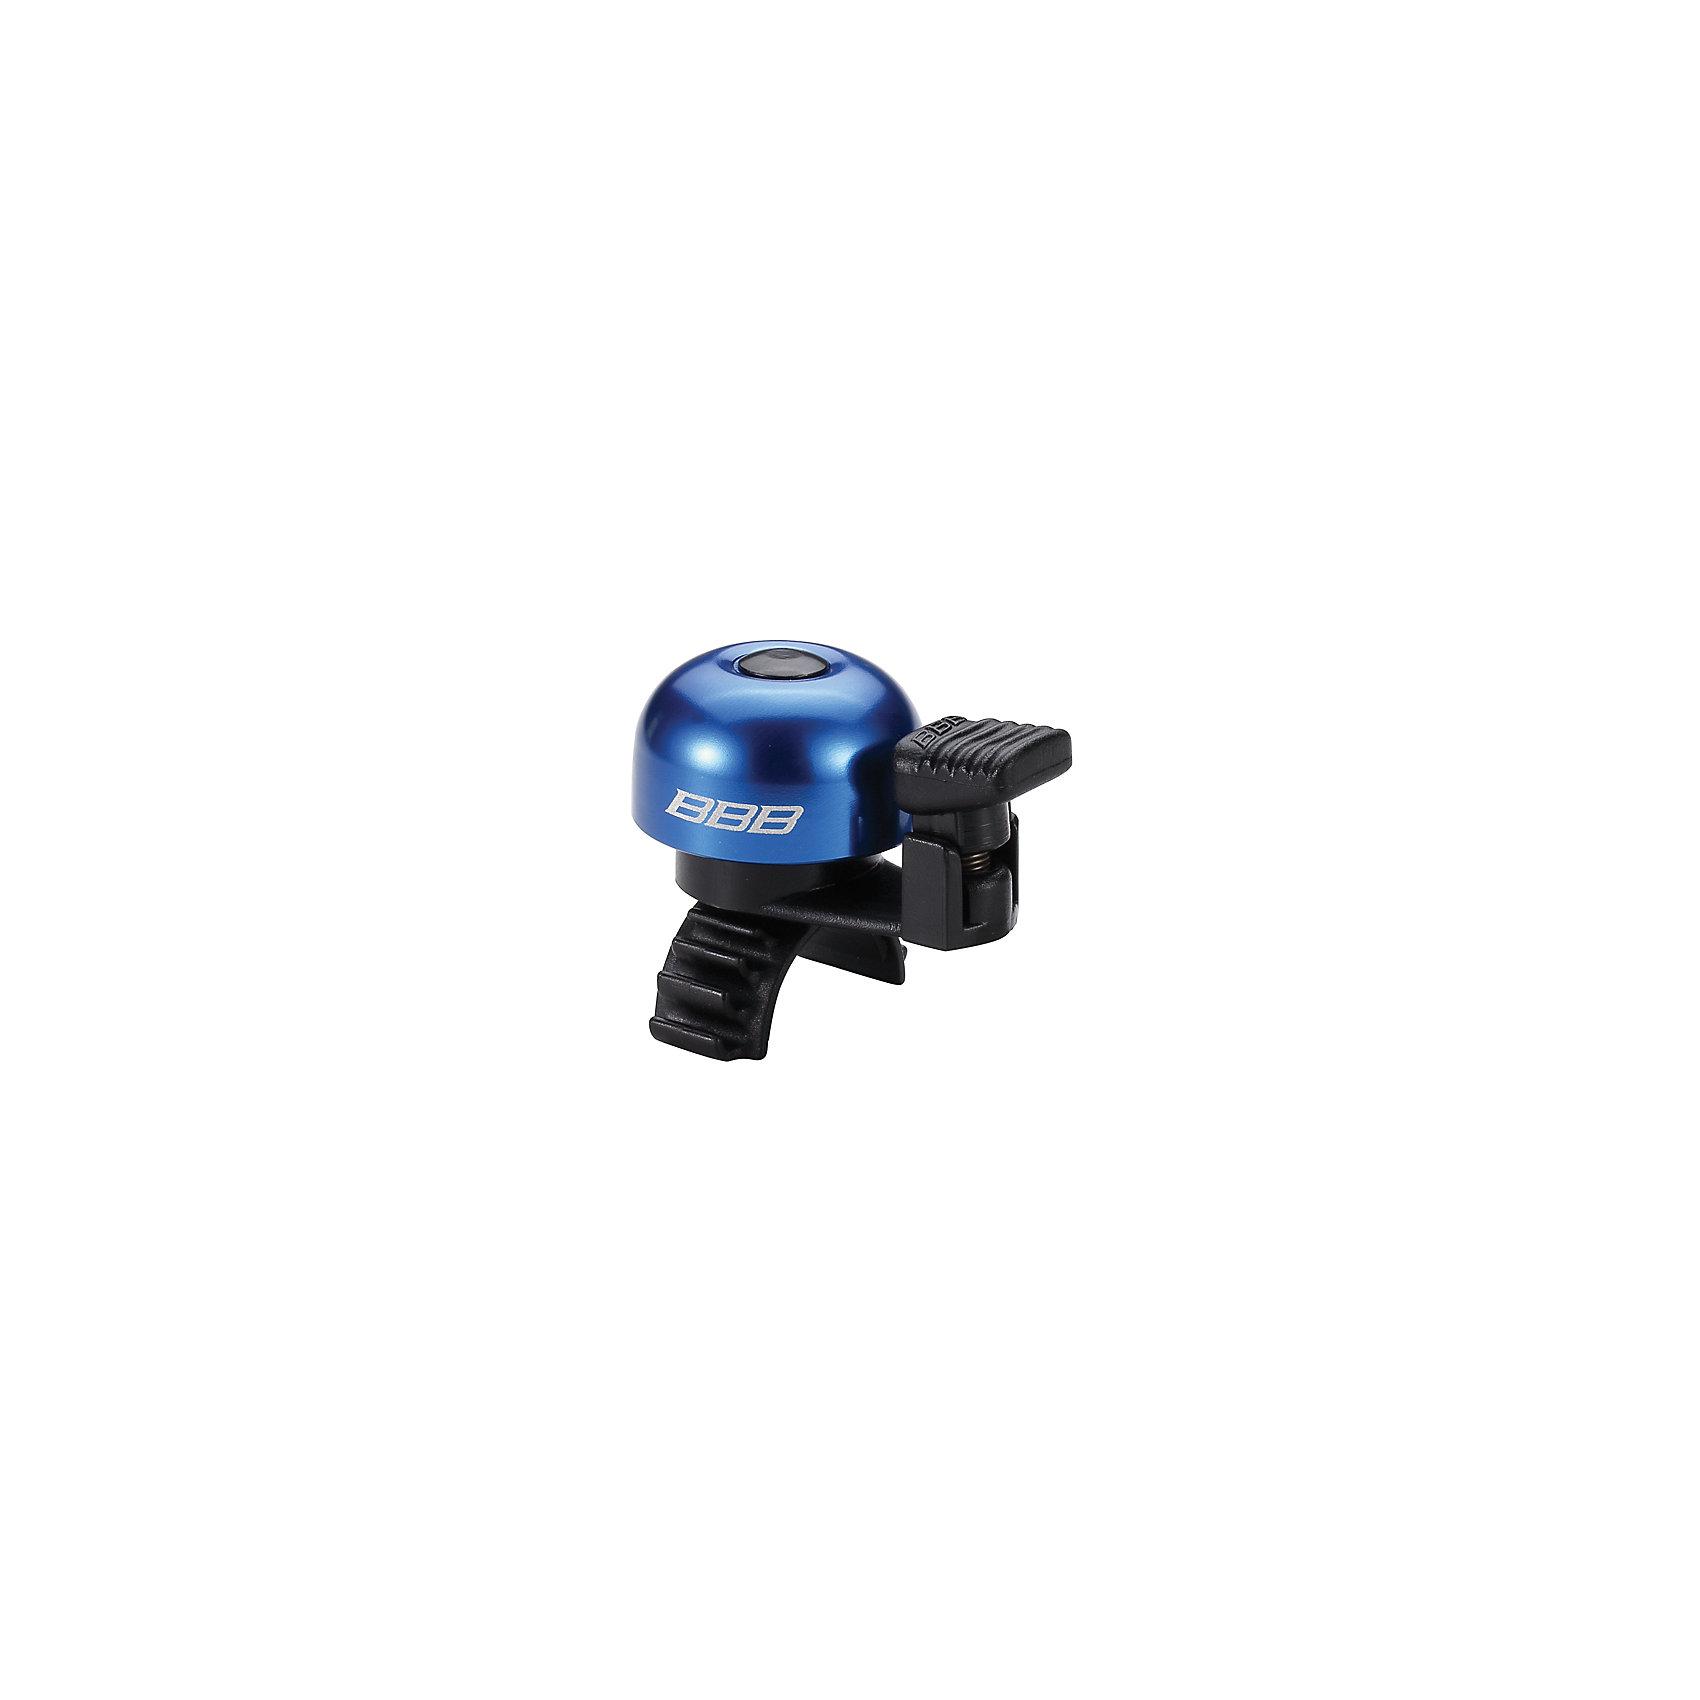 Звонок EasyFit  синий, BBBАксеcсуары для велосипедов<br>Характеристики товара: <br><br>• цвет: синий<br>• облегченный алюминиевый звонок с пружиной из нержавеющей стали <br>• быстросъемный <br>• крепление с резиновым ремешком<br>• подходит для всех видов рулей<br>• прочная и легкая конструкция<br><br>Звонок EasyFit  синий, BBB можно купить в нашем интернет-магазине.<br><br>Ширина мм: 160<br>Глубина мм: 80<br>Высота мм: 40<br>Вес г: 31<br>Возраст от месяцев: 36<br>Возраст до месяцев: 144<br>Пол: Унисекс<br>Возраст: Детский<br>SKU: 5569398